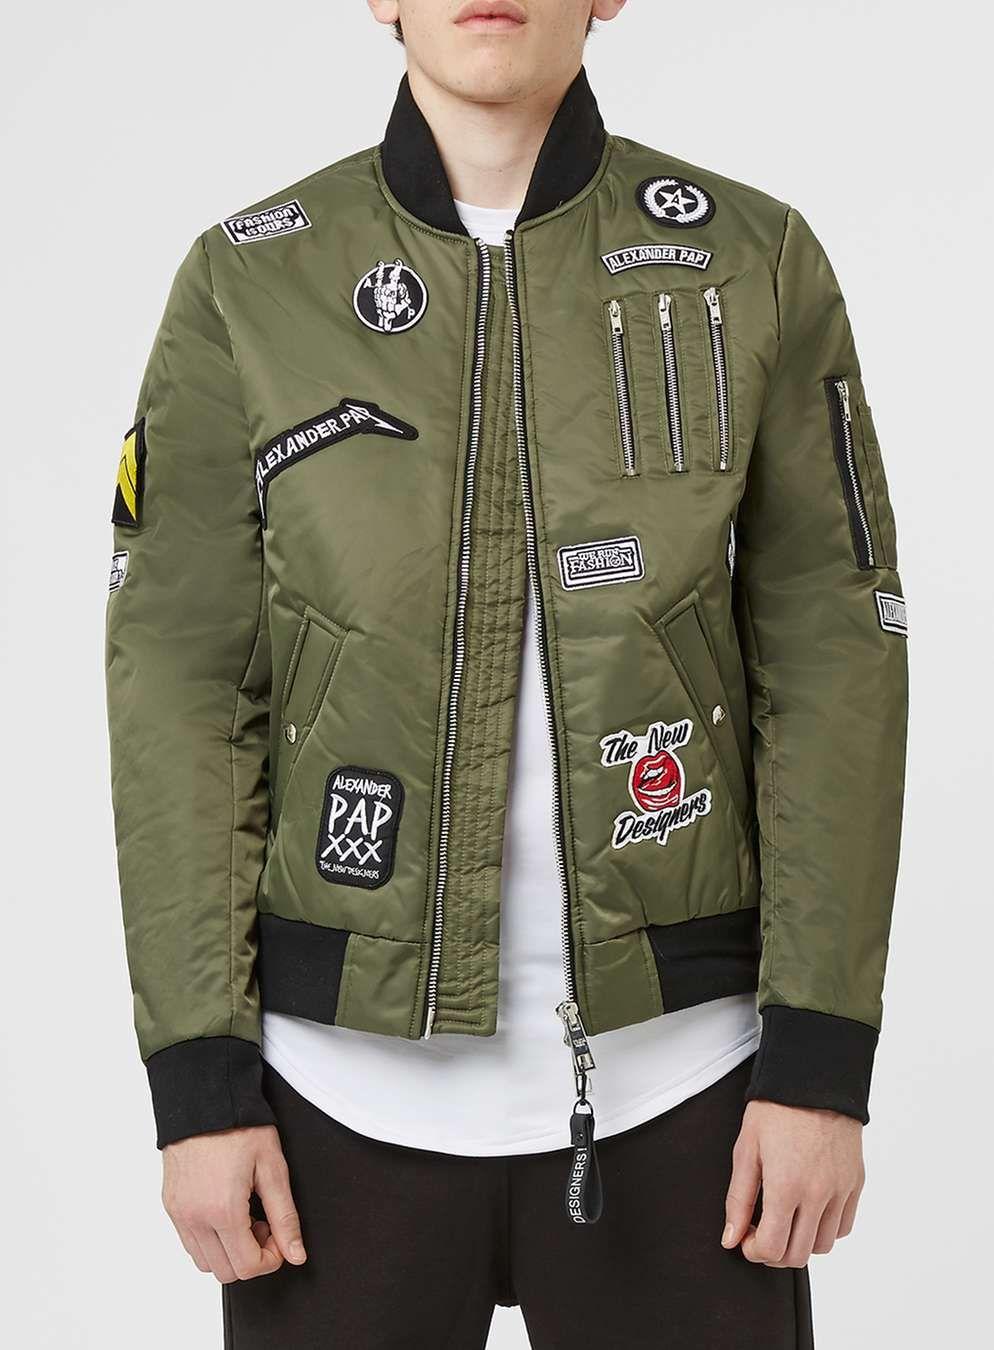 505cebb2c THE NEW DESIGNERS Khaki Badge Padded MA1 Jacket* - Badged Bomber ...